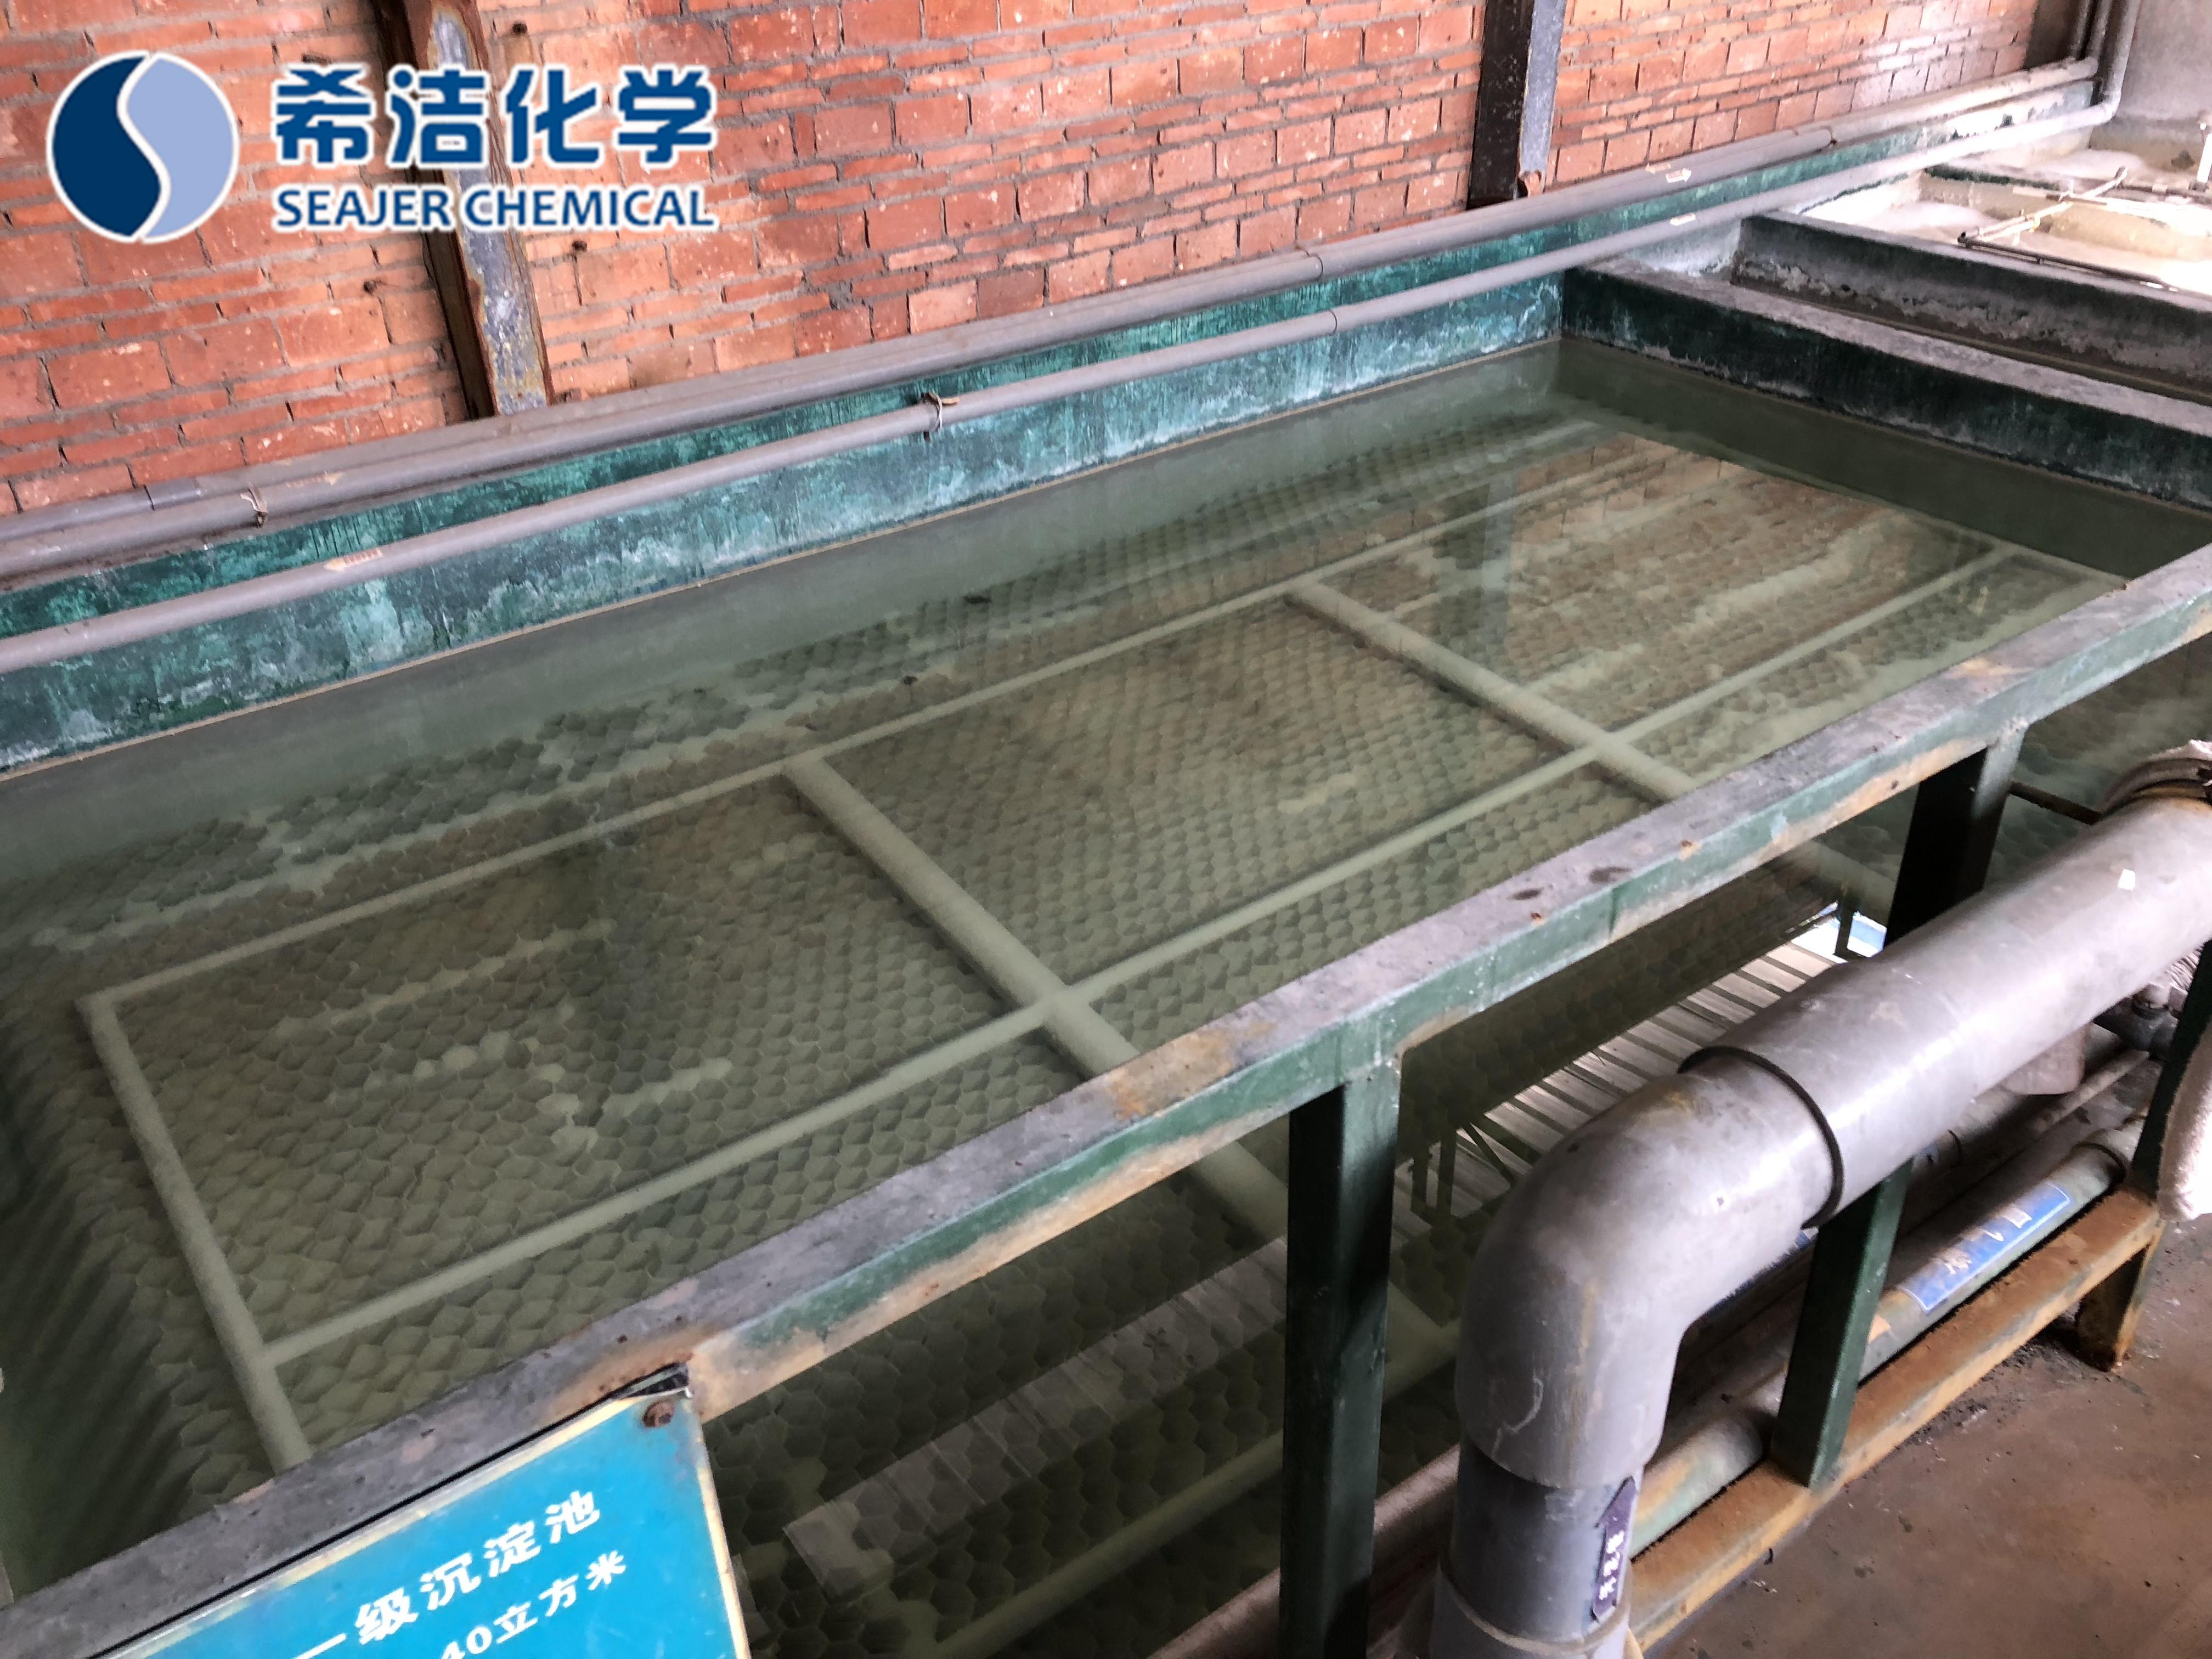 电器废水处理解决方案